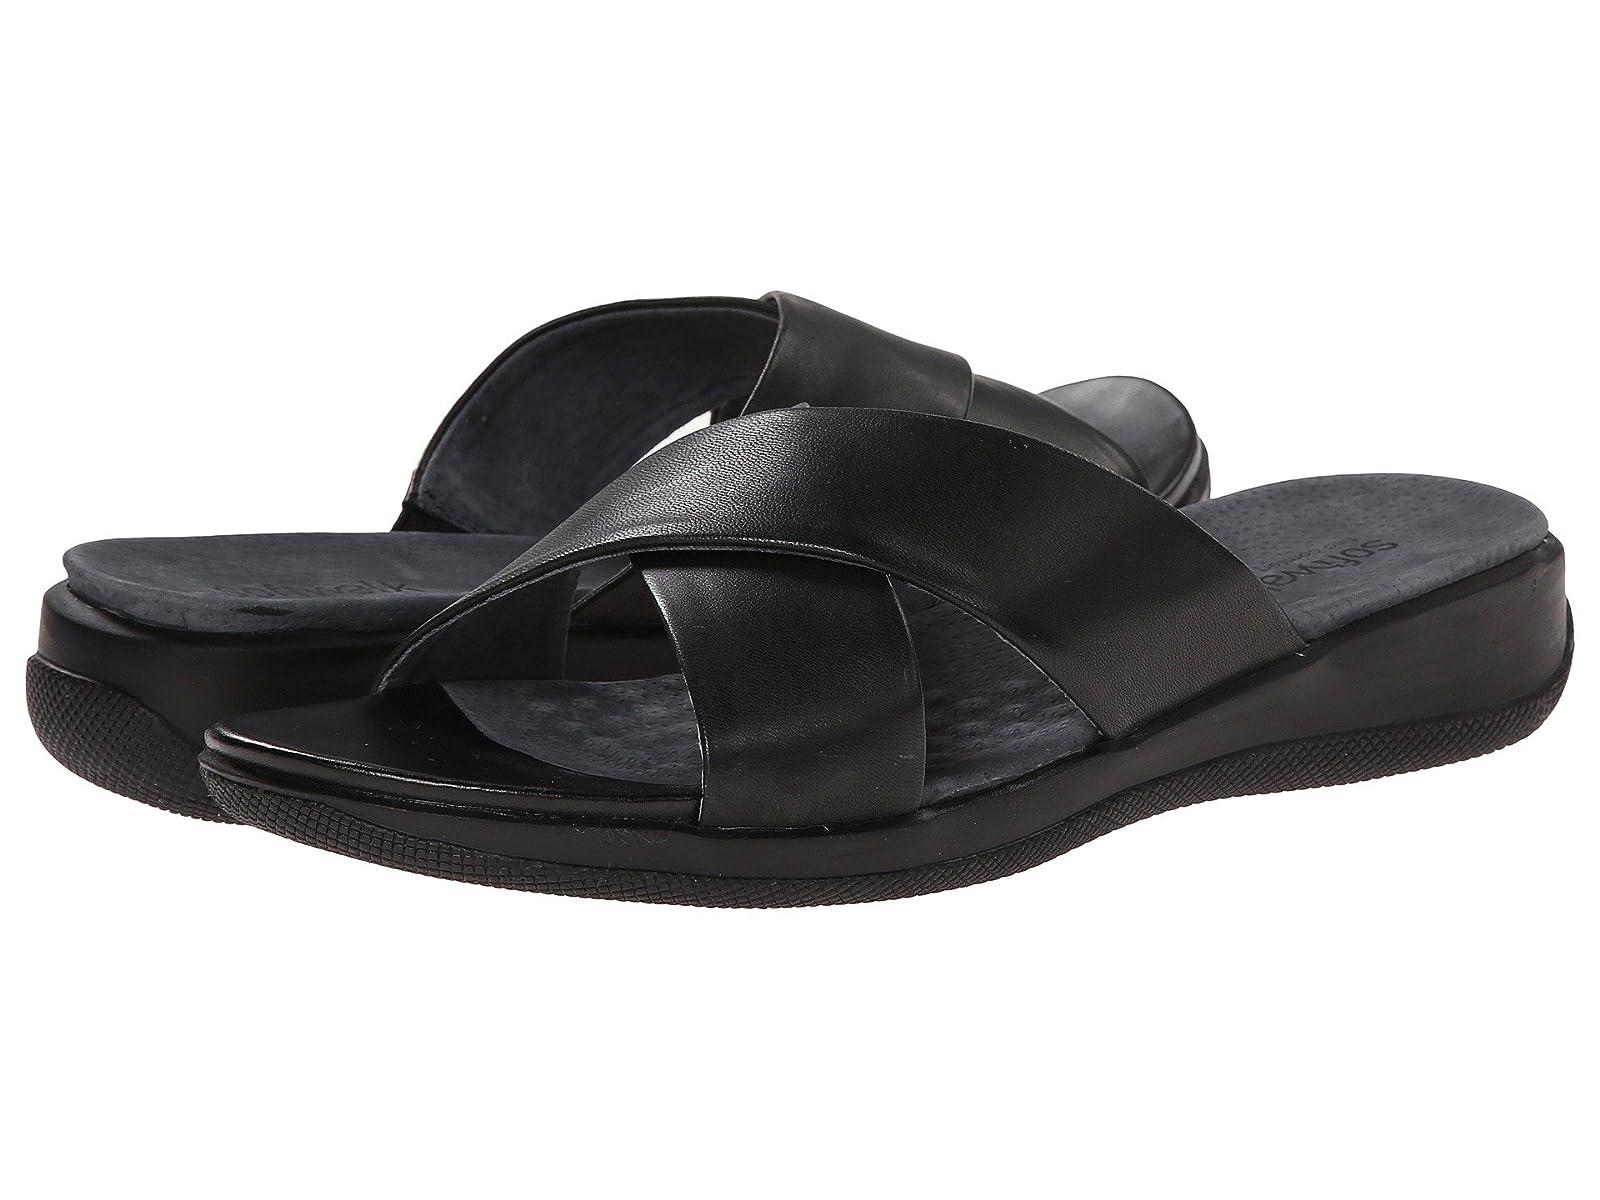 SoftWalk TillmanAtmospheric grades have affordable shoes